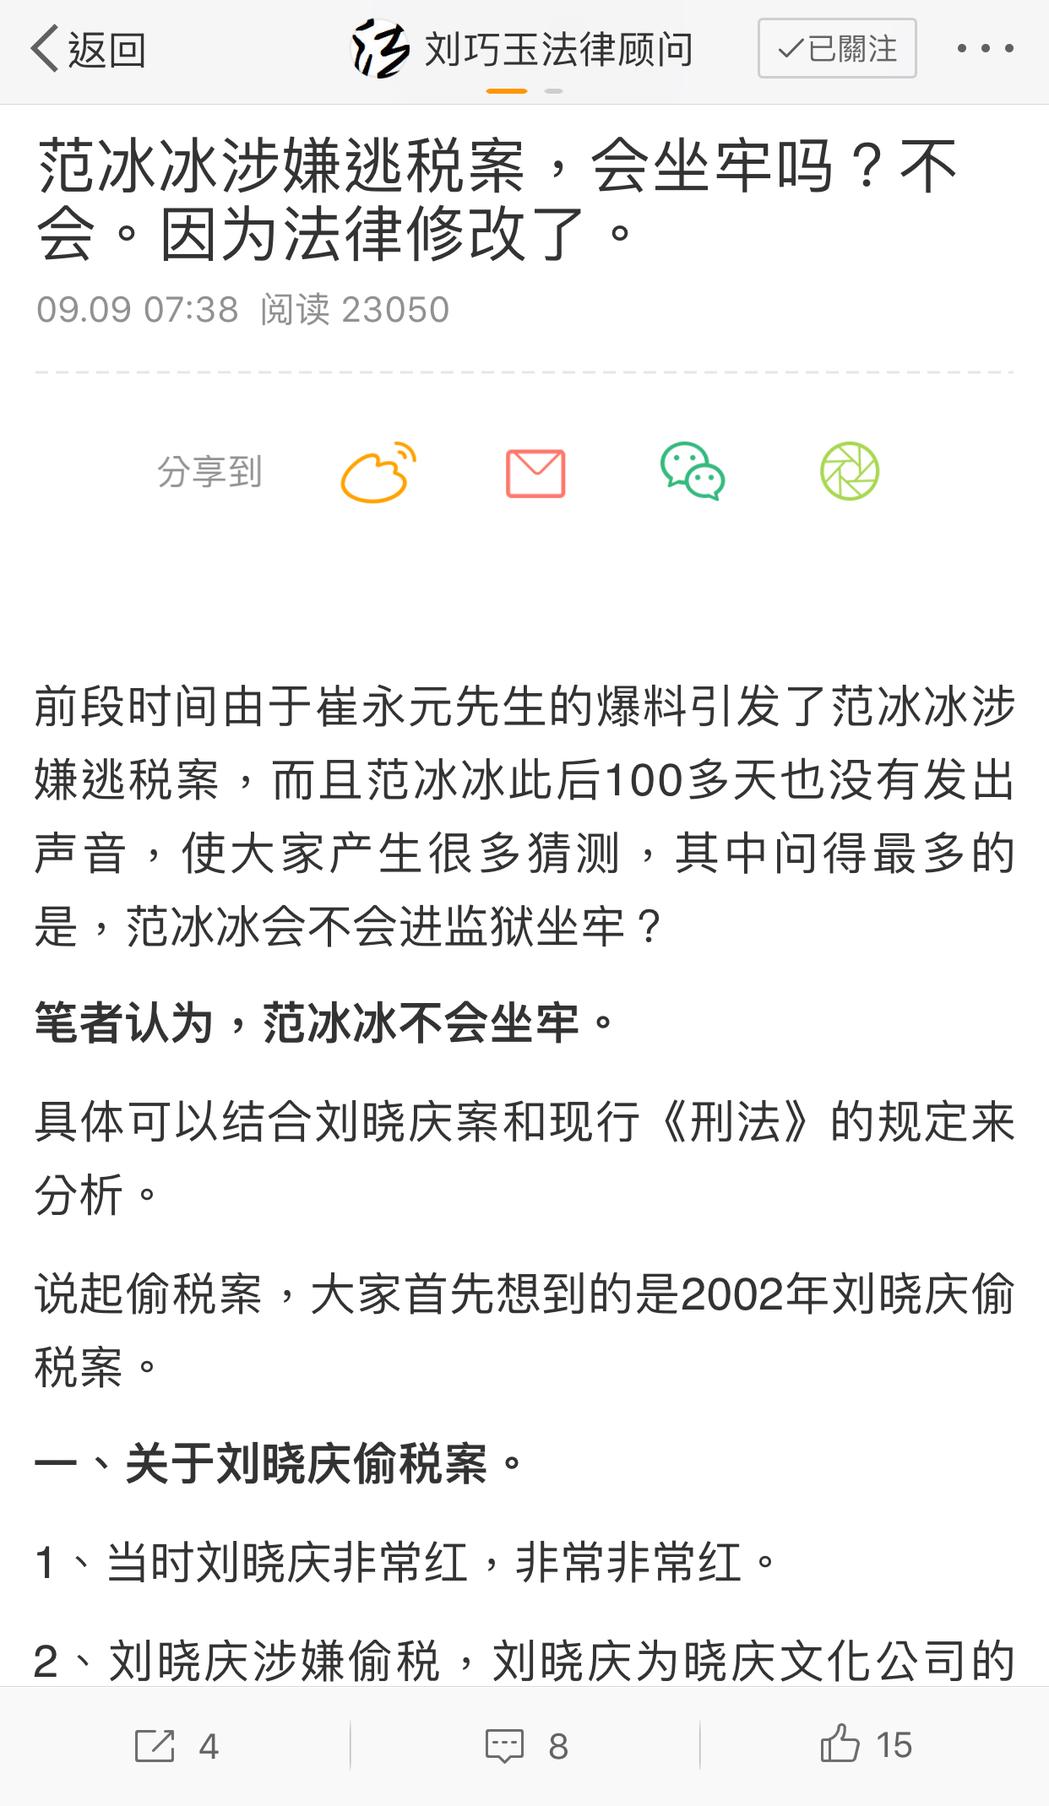 有律師透露范冰冰可避坐牢。圖/摘自微博